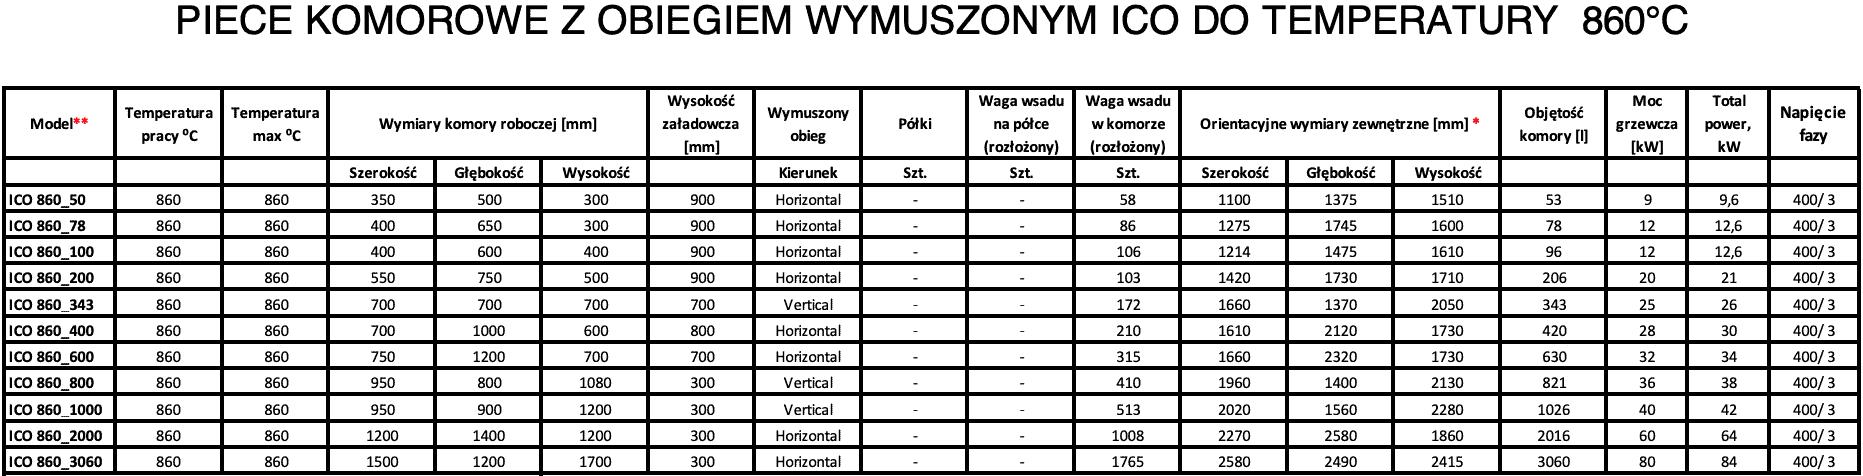 Piece komorowe przemysłowe z cyrkulacją ICO